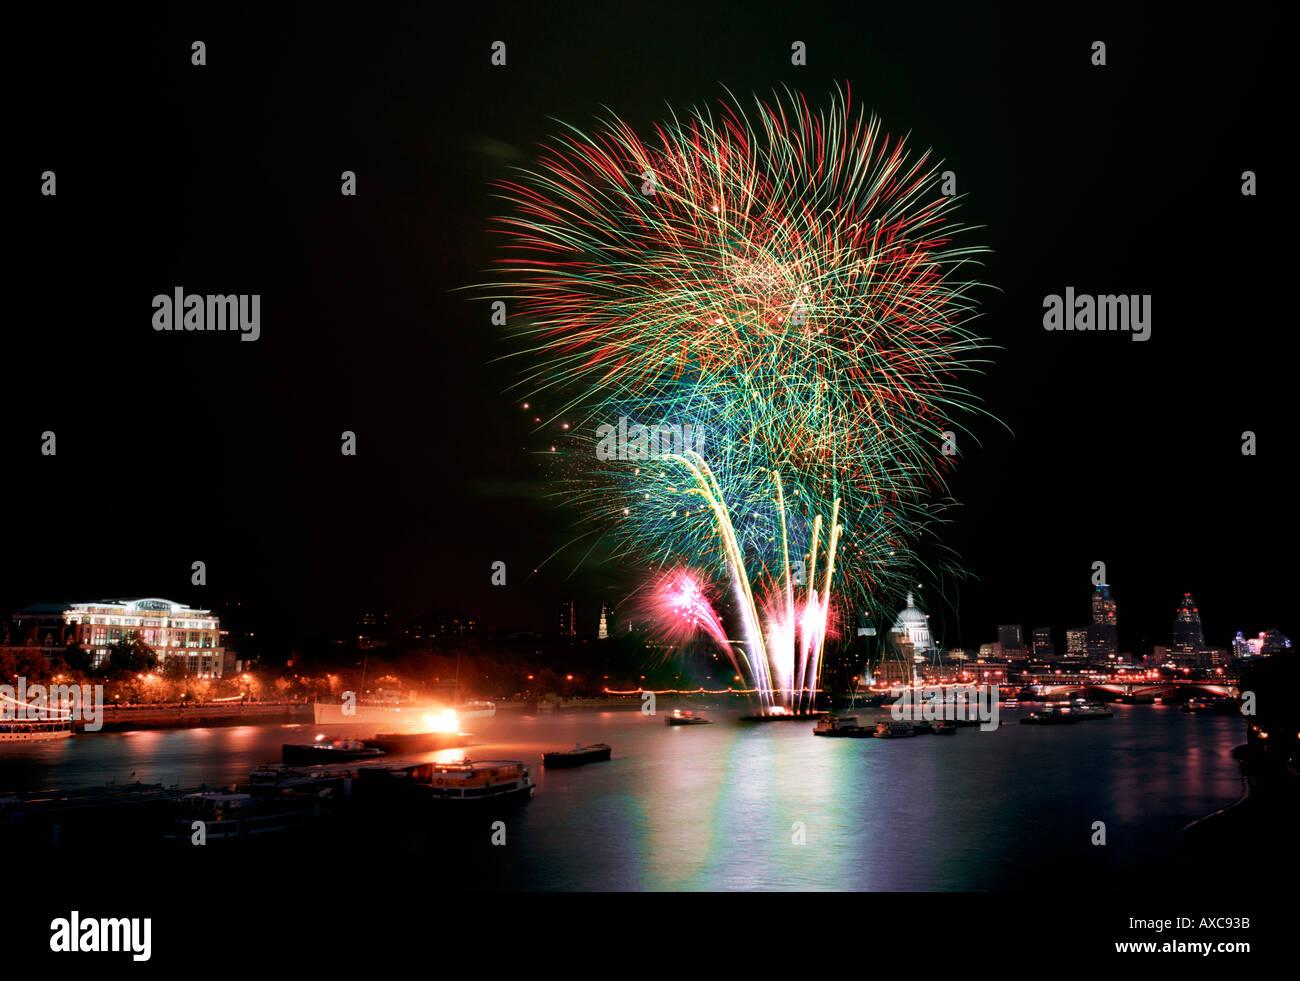 fireworks lord mayor show london england uk london england uk - Stock Image